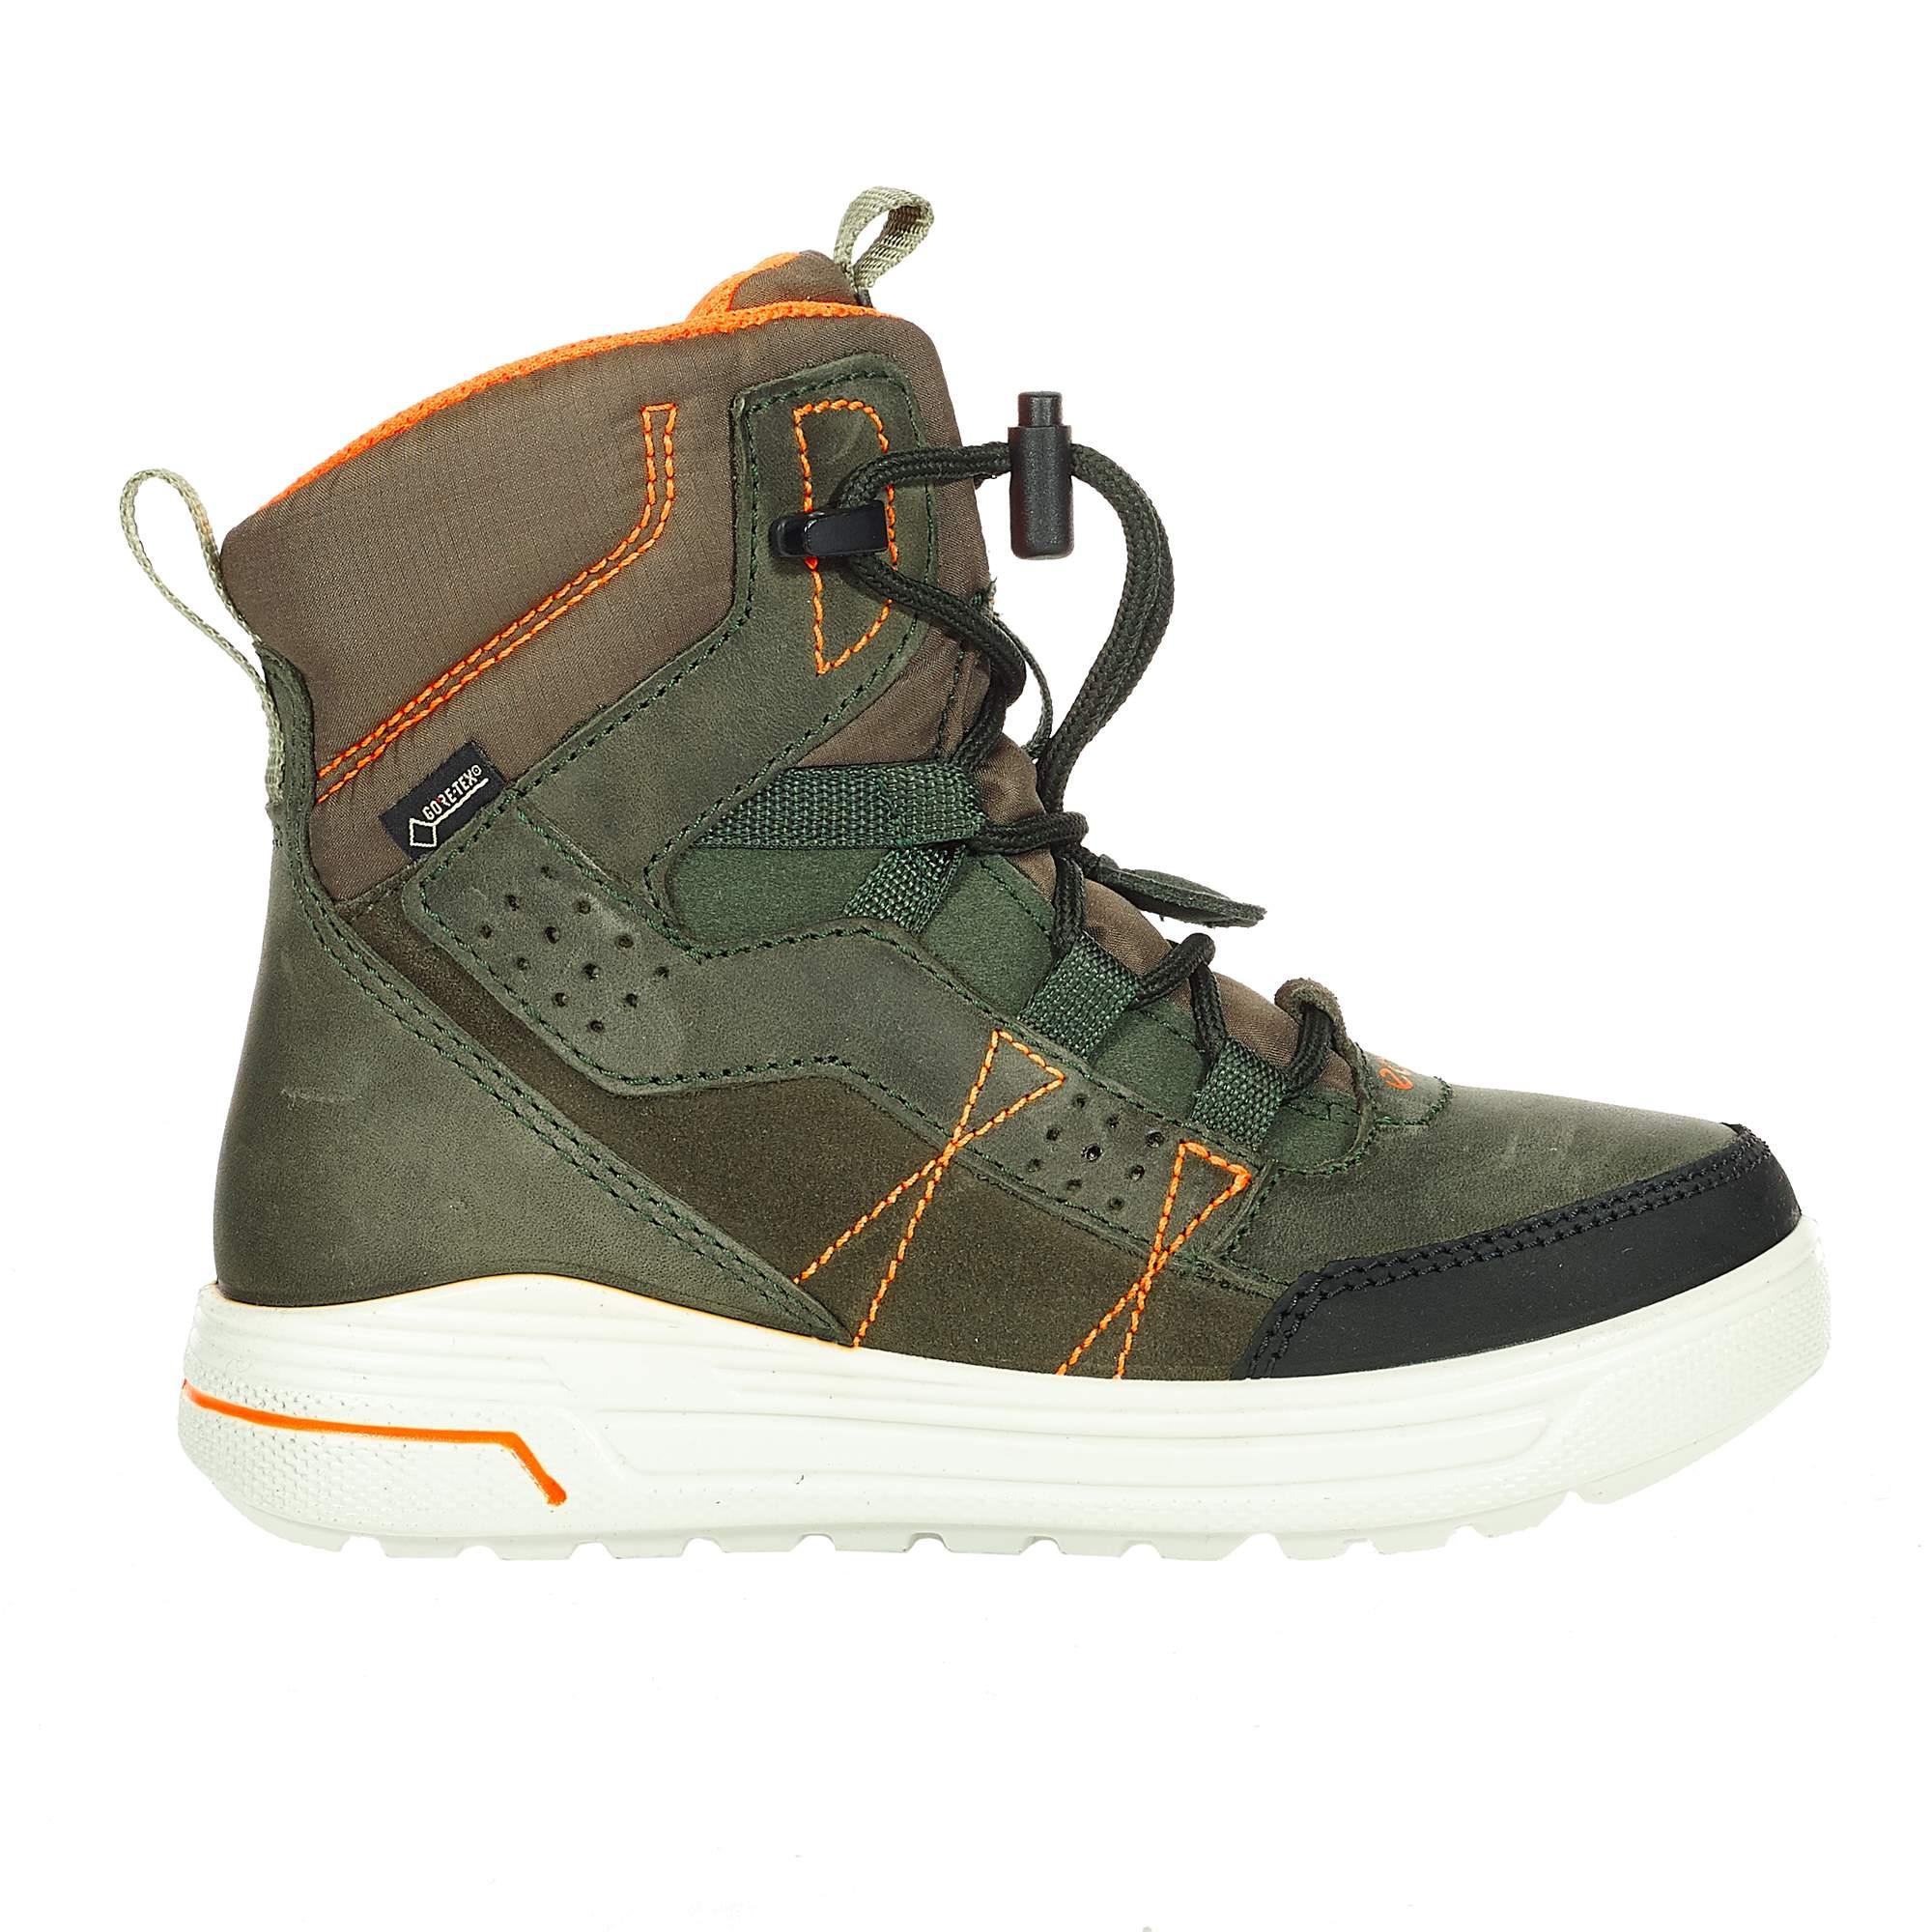 Ecco Urban Snowboarder Kinder Gr. 31 - Winterstiefel - oliv-dunkelgrün